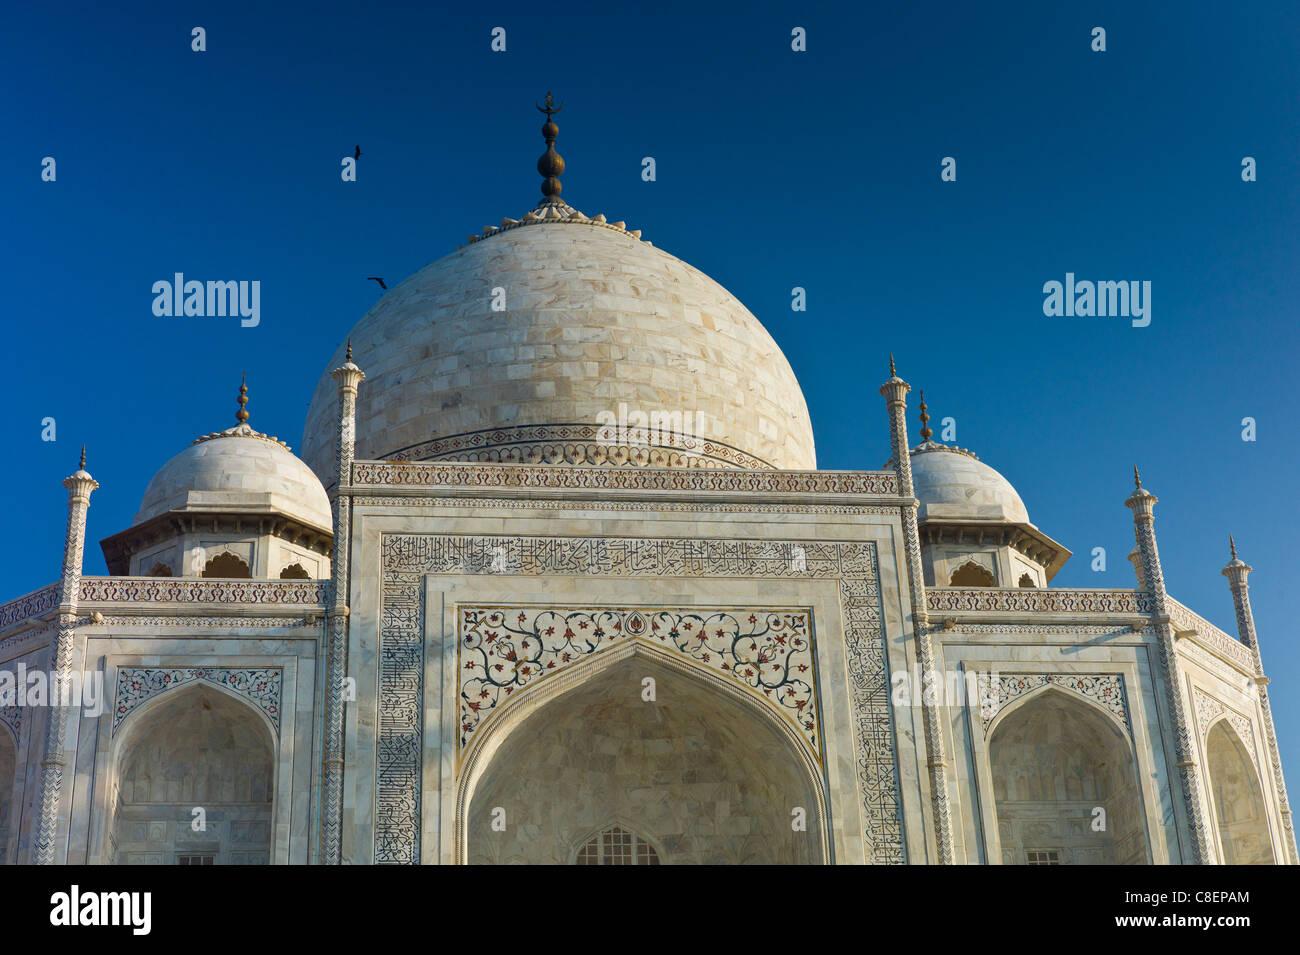 Taj Mahal mausoleo con uccelli, sud della vista di dettaglio iwans con bassorilievo in marmo, Uttar Pradesh, India Immagini Stock